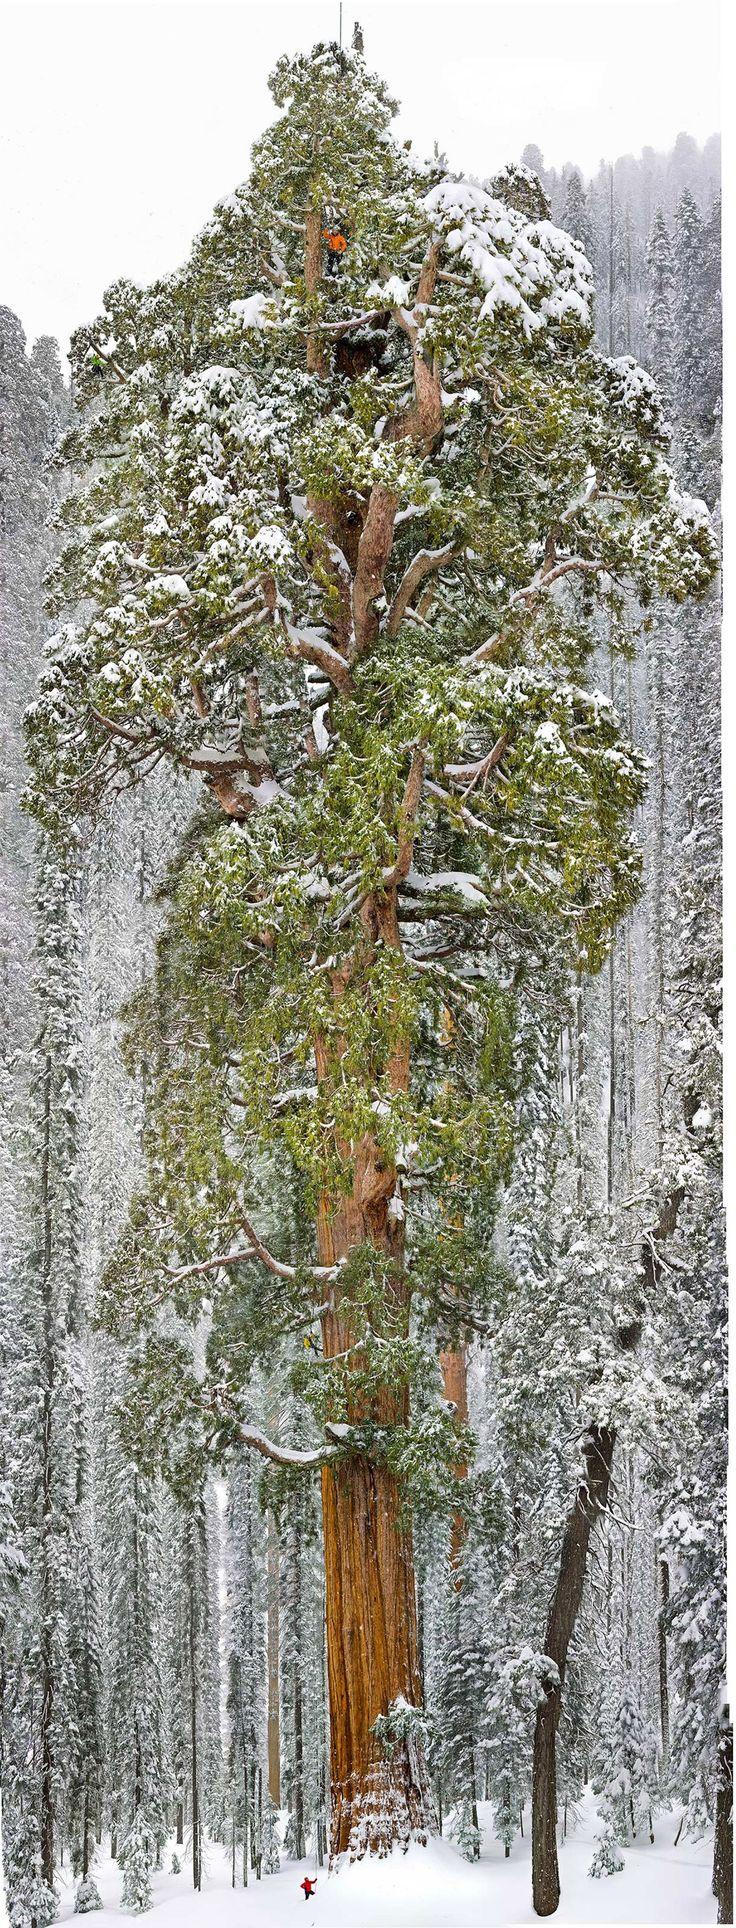 Âgé de 3200 ans, le « Président » est un séquoia géant situé au cœur de la « Giant Forest ». Cet arbre vieux de 3200 ans mesure 75 mètres de haut et 8 mètres de diamètre à la base.